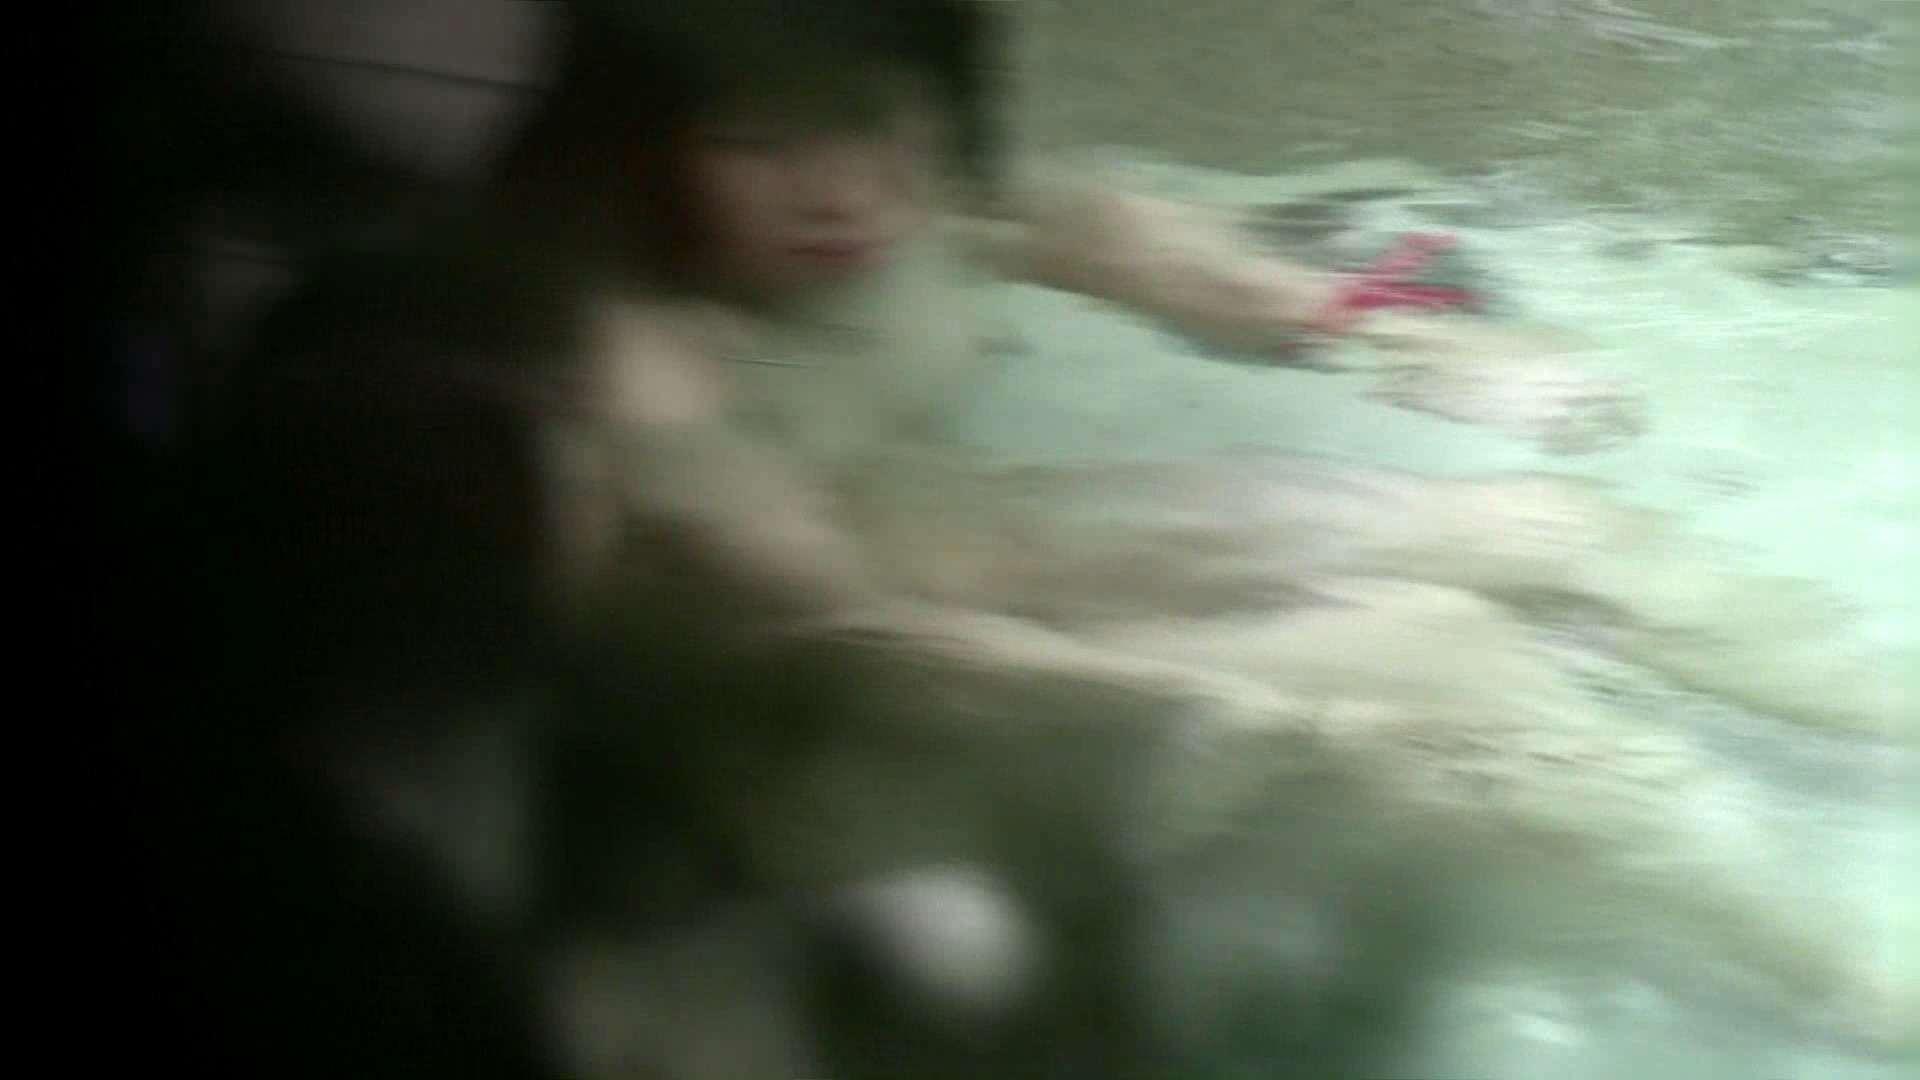 Aquaな露天風呂Vol.655 盗撮 | 露天  70画像 28